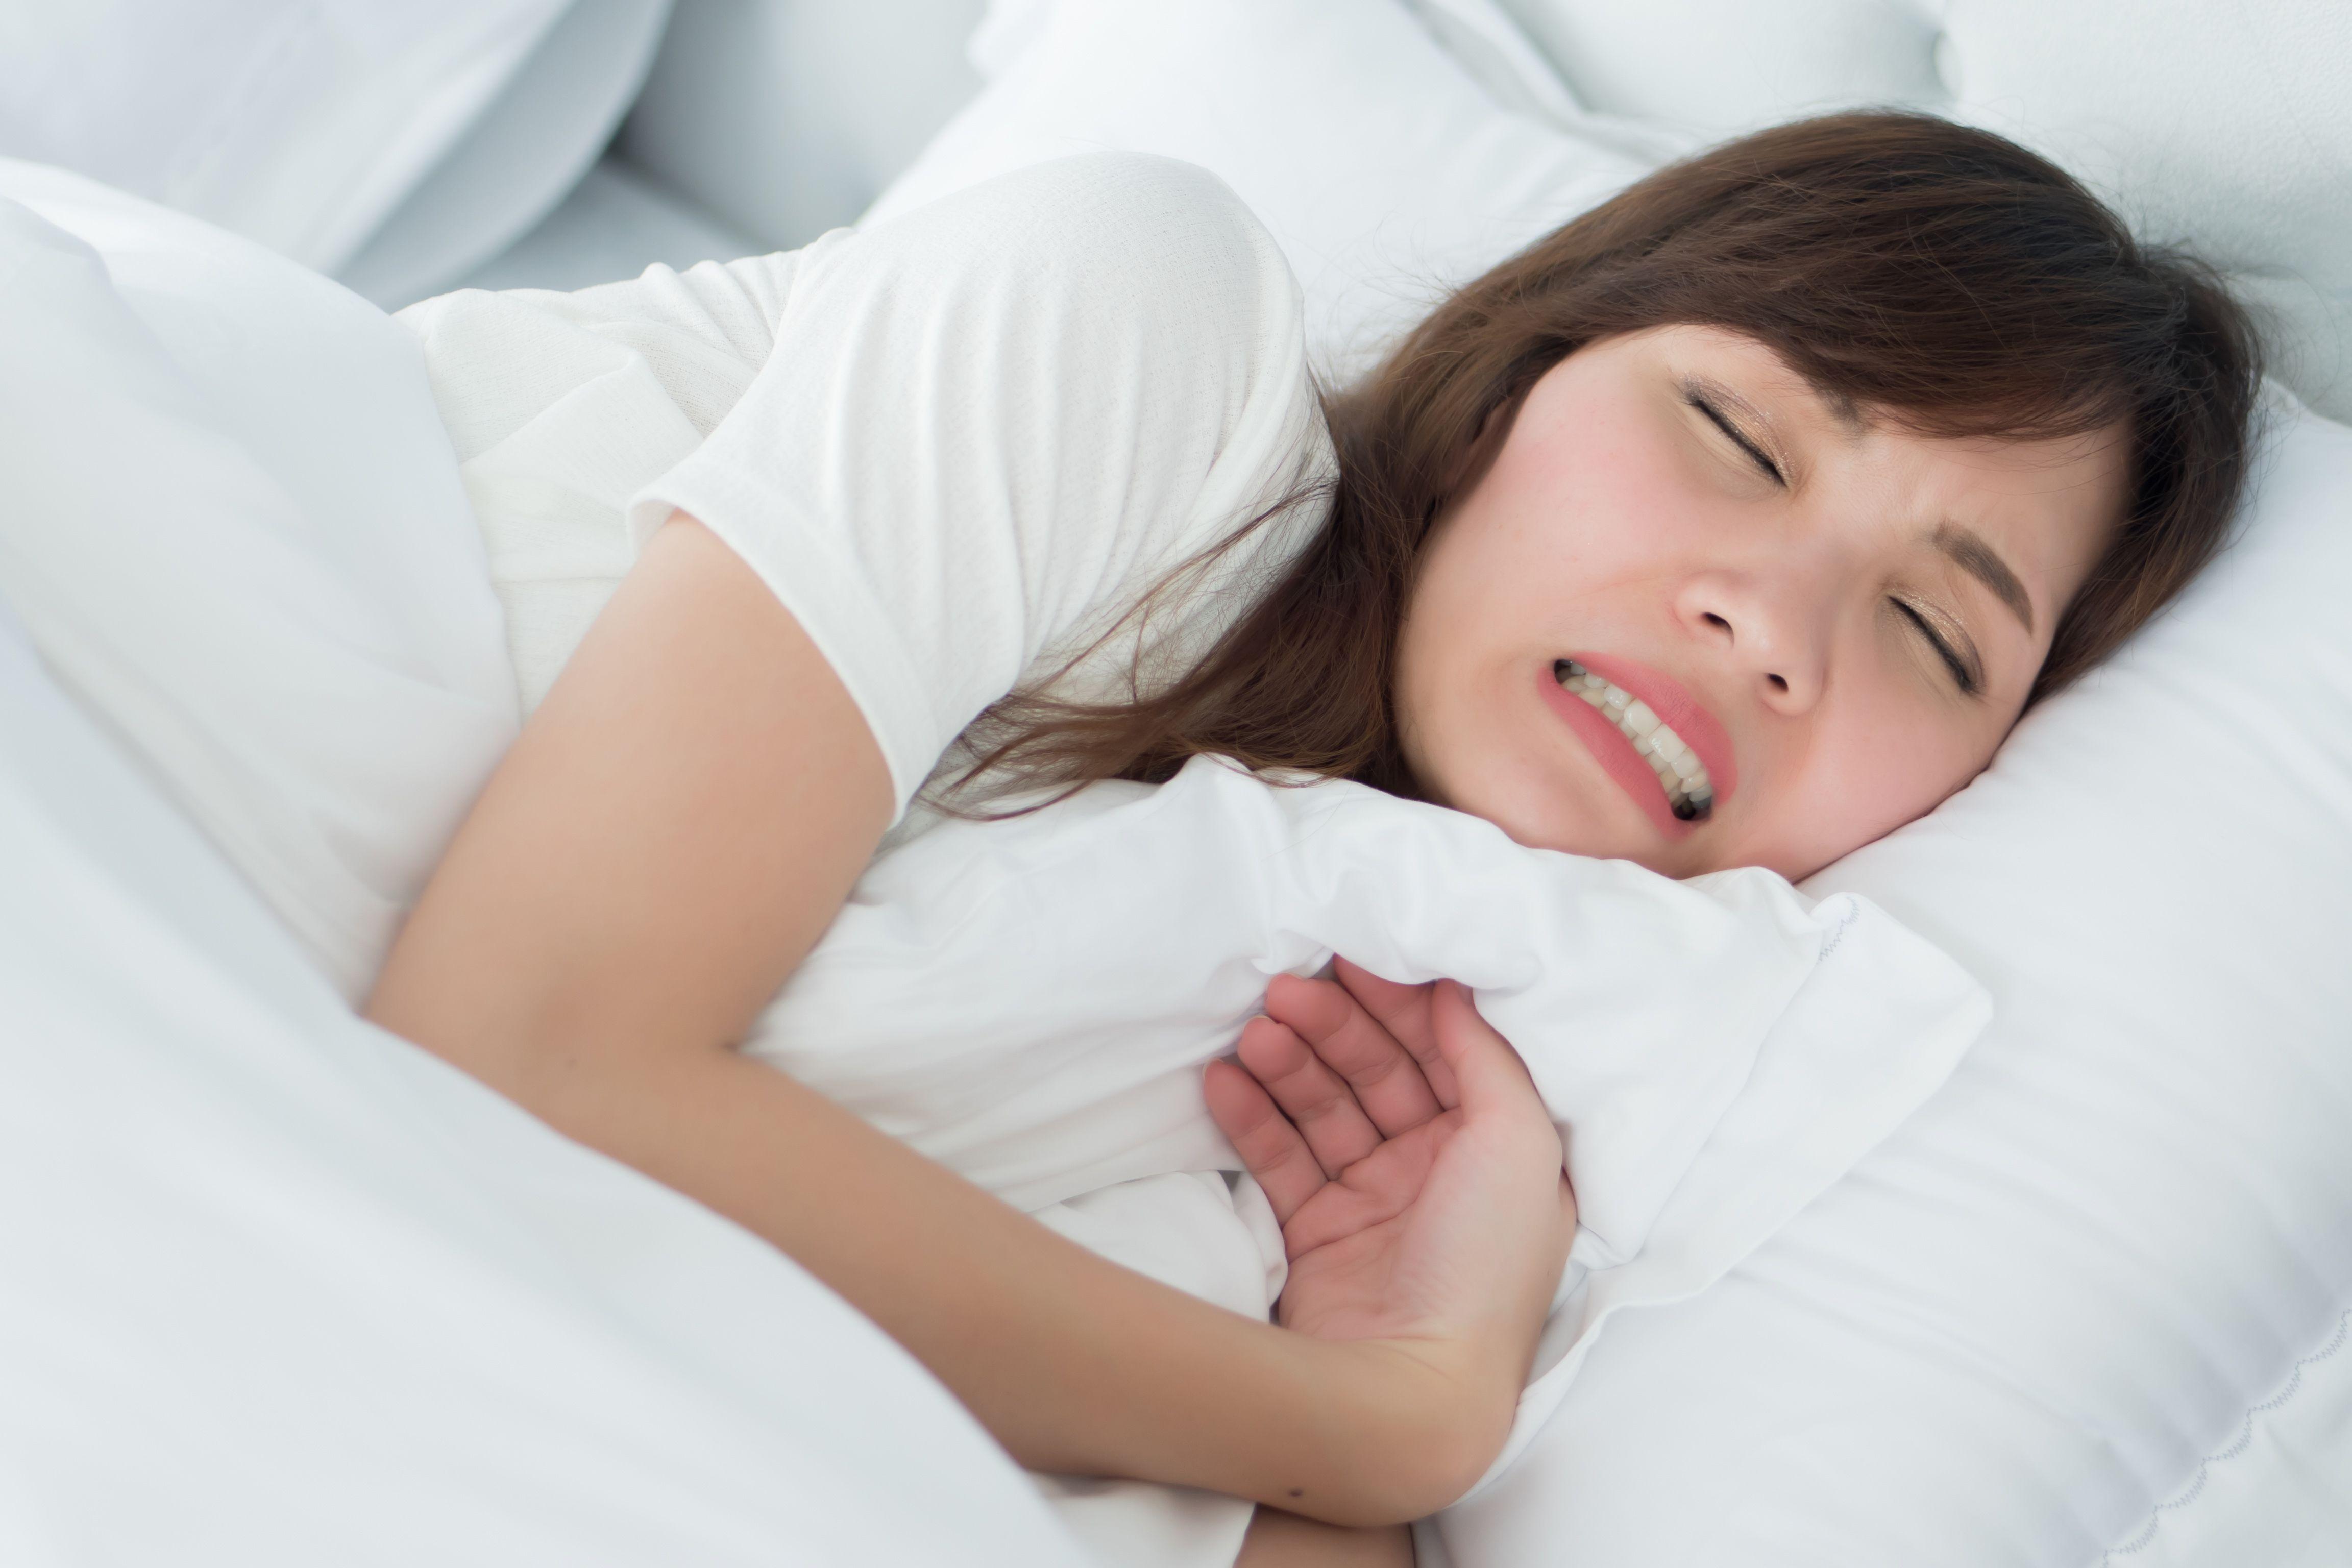 Чем опасен бруксизм: рассказывает стоматолог